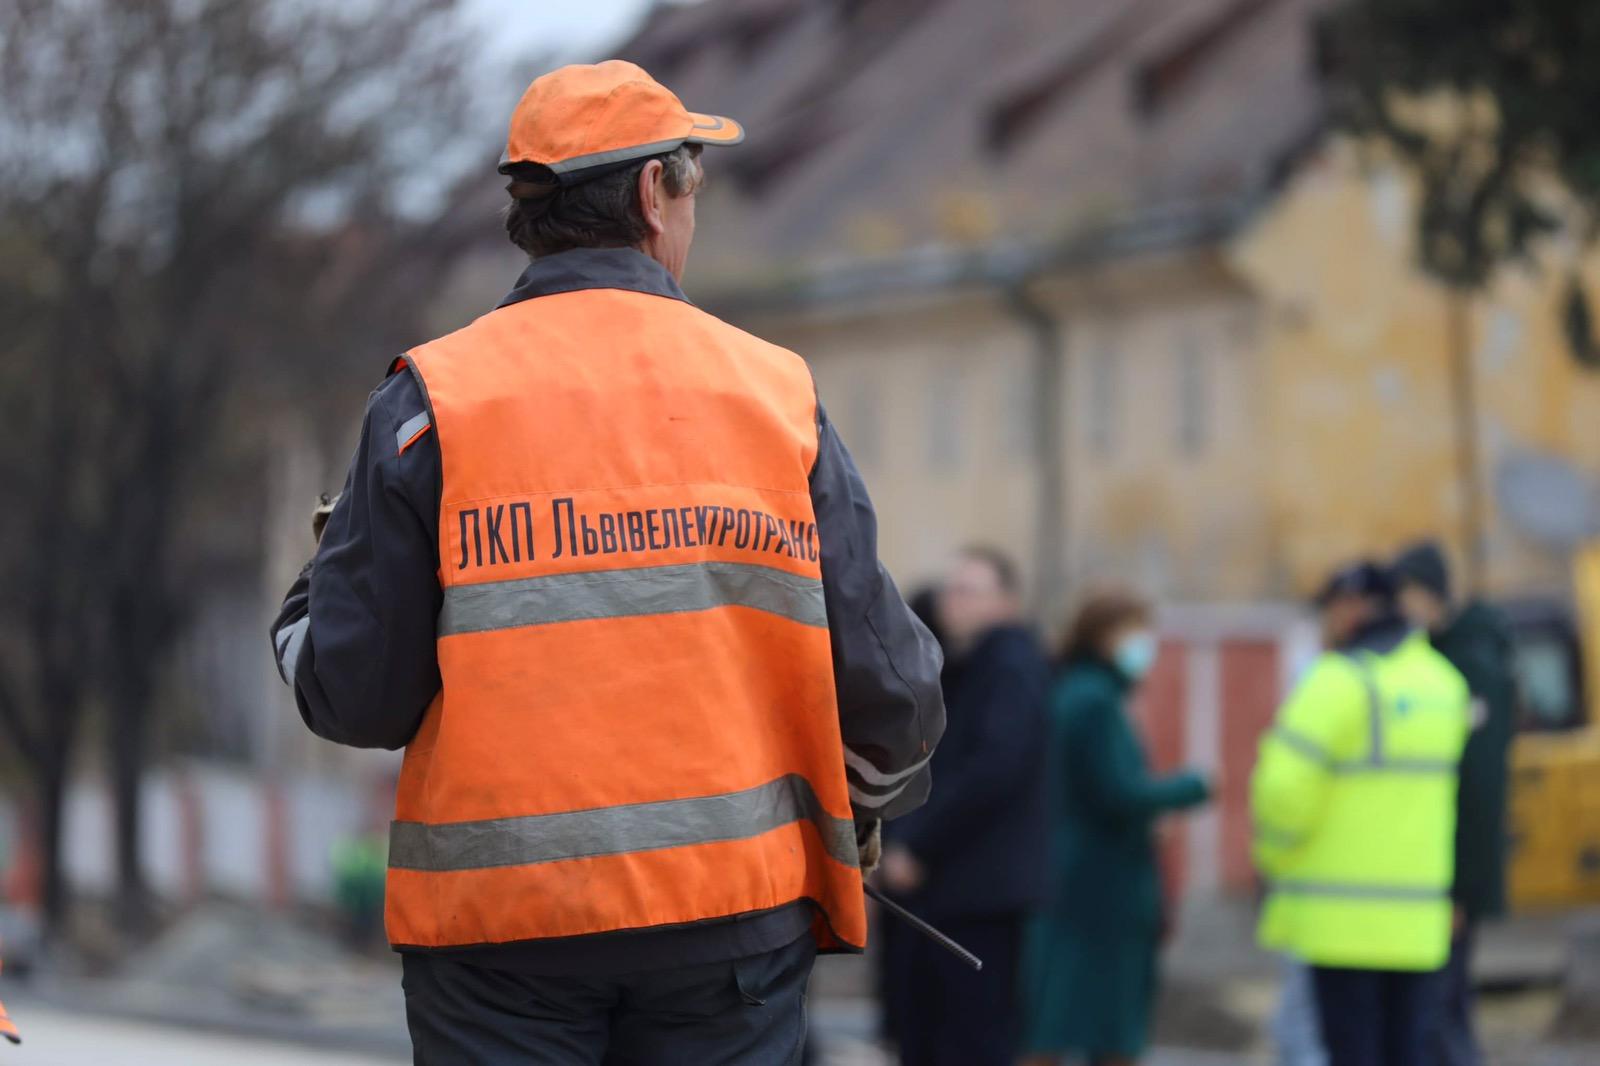 ЛКП «Львівелектротранс» готове до роботи в зимовий період 2020-2021 років